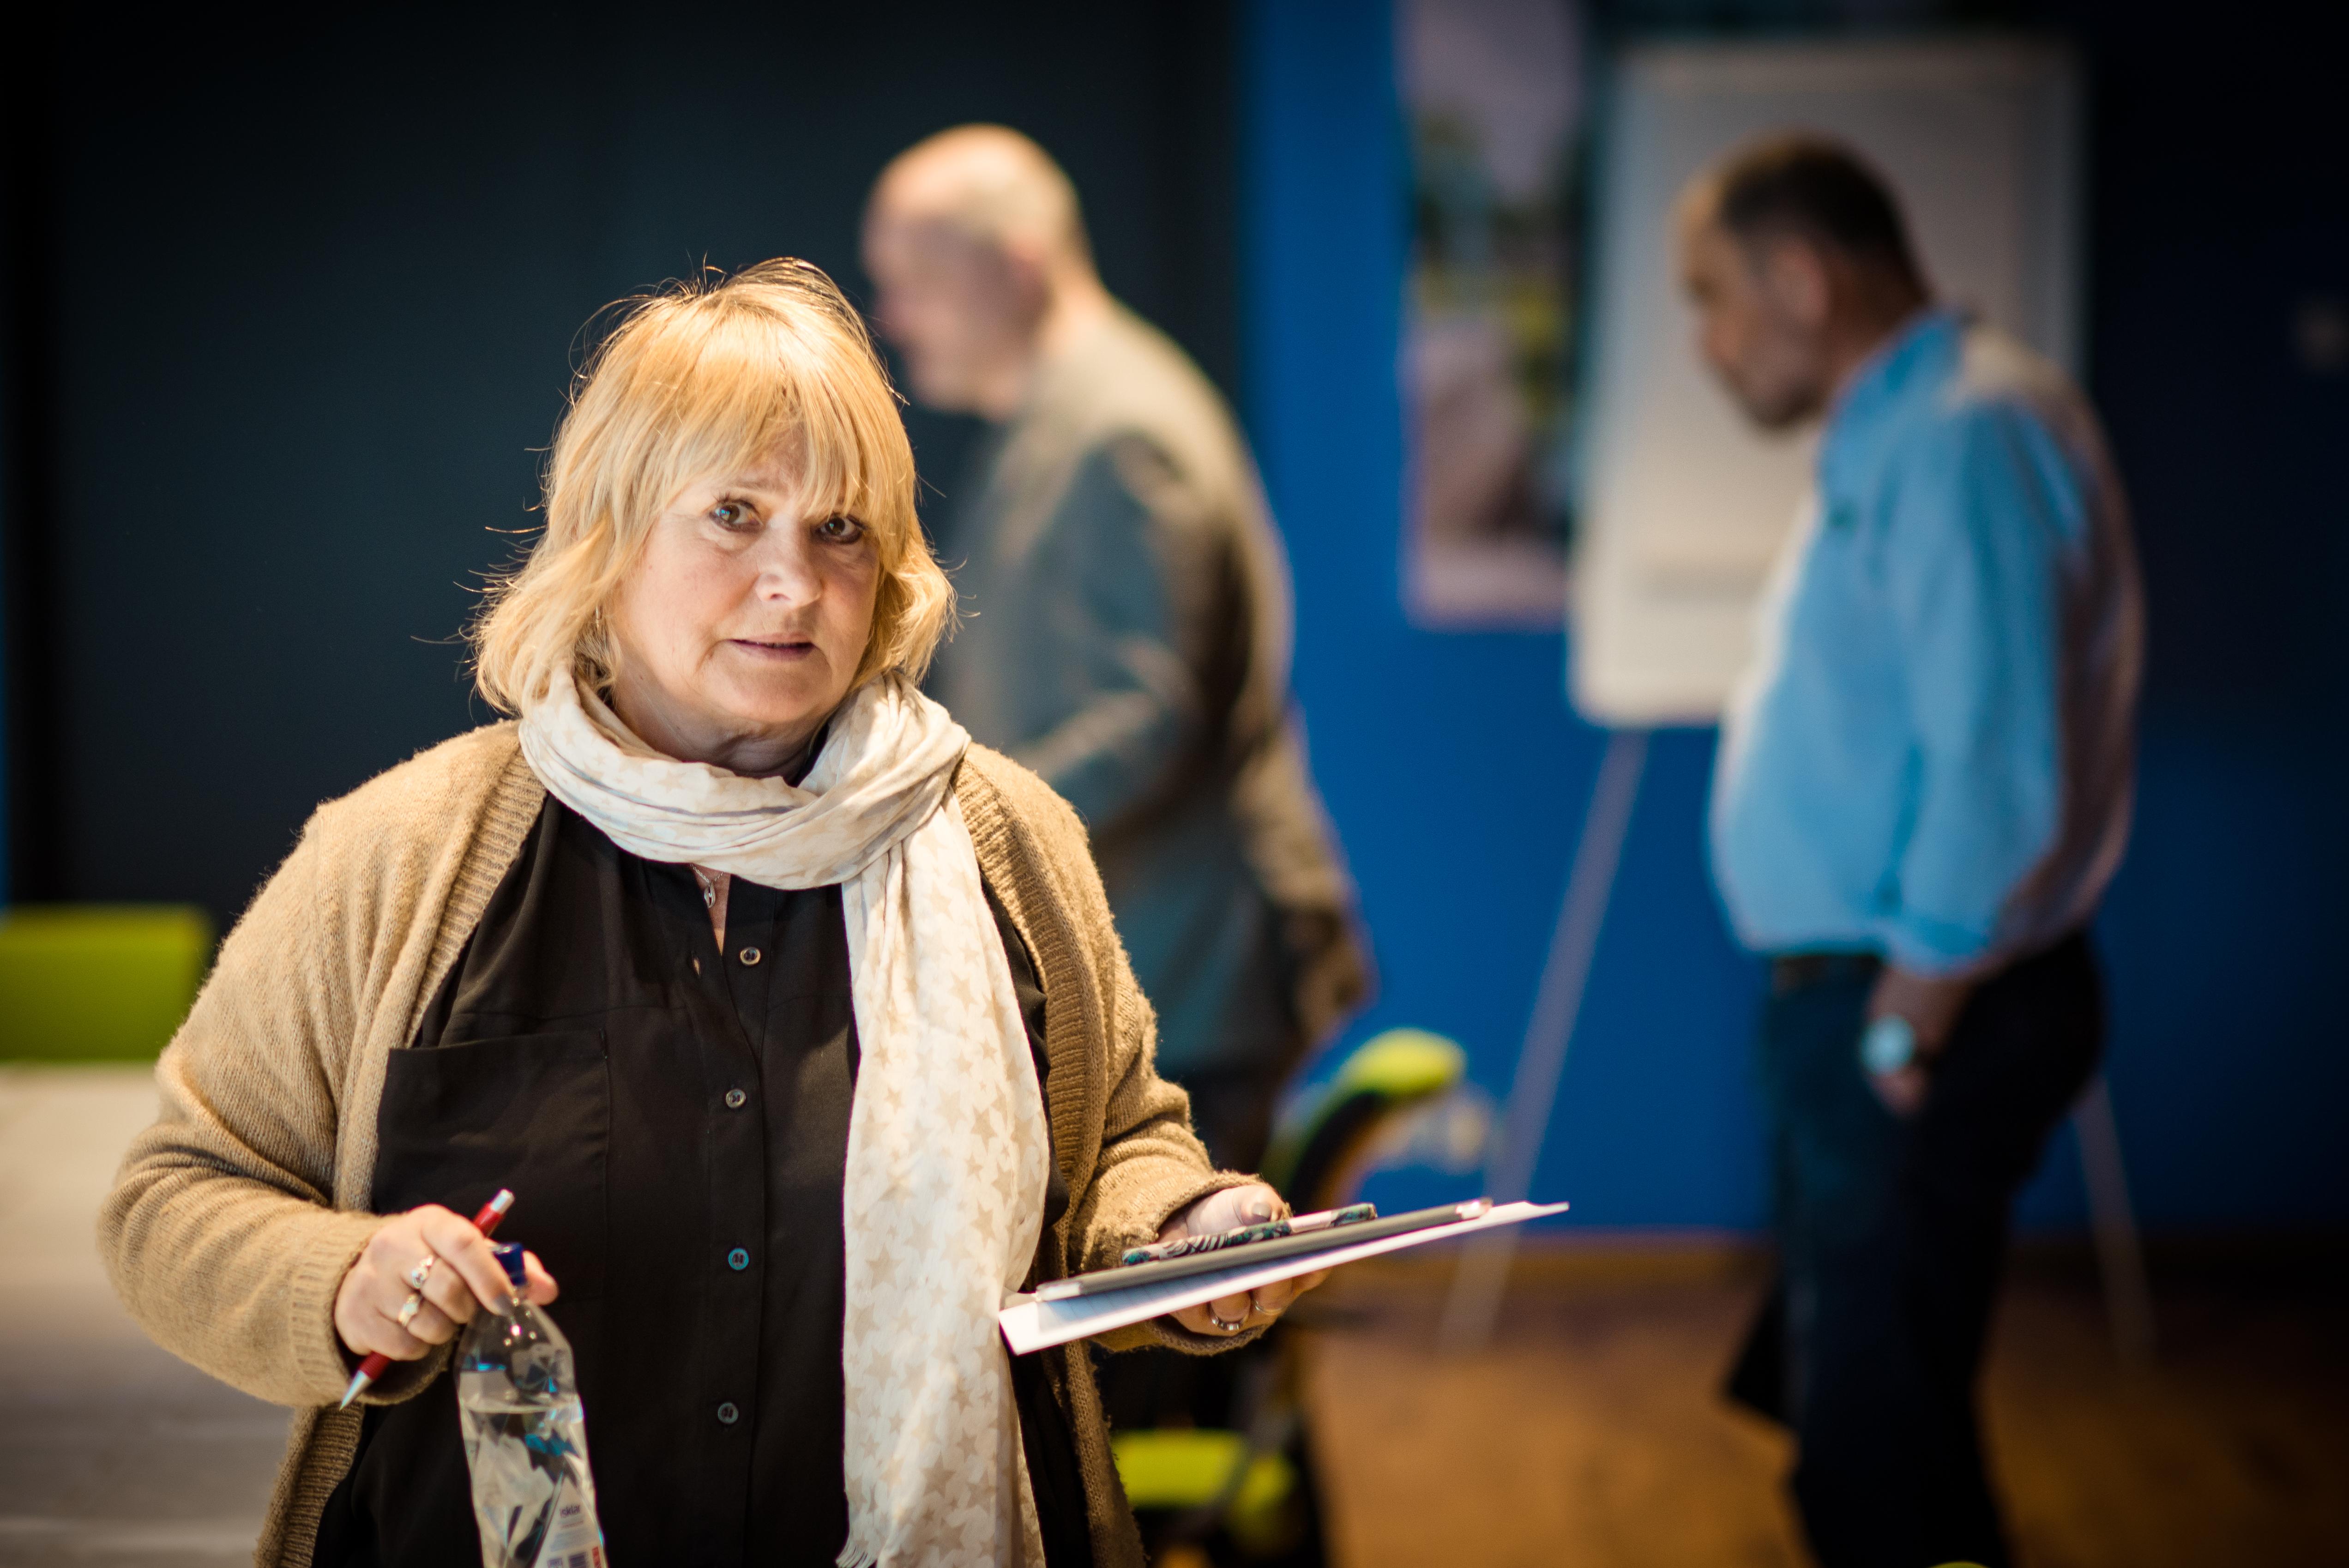 UTSATT: Meklingsfristen er utsatt for ansatte i Nettbuss. Her er Forbundsleder Jane Brekkhus Sæthre underveis i meklingen.